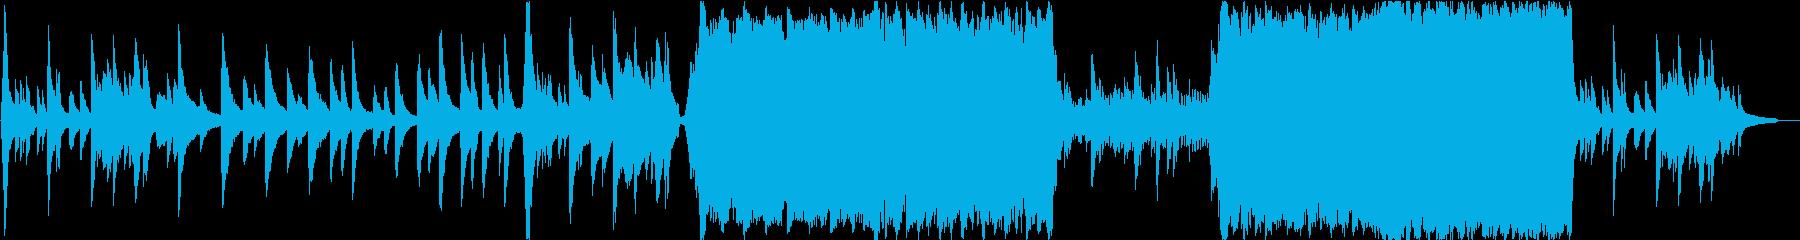 幻想的でゆったりとしたジブリ風BGMの再生済みの波形